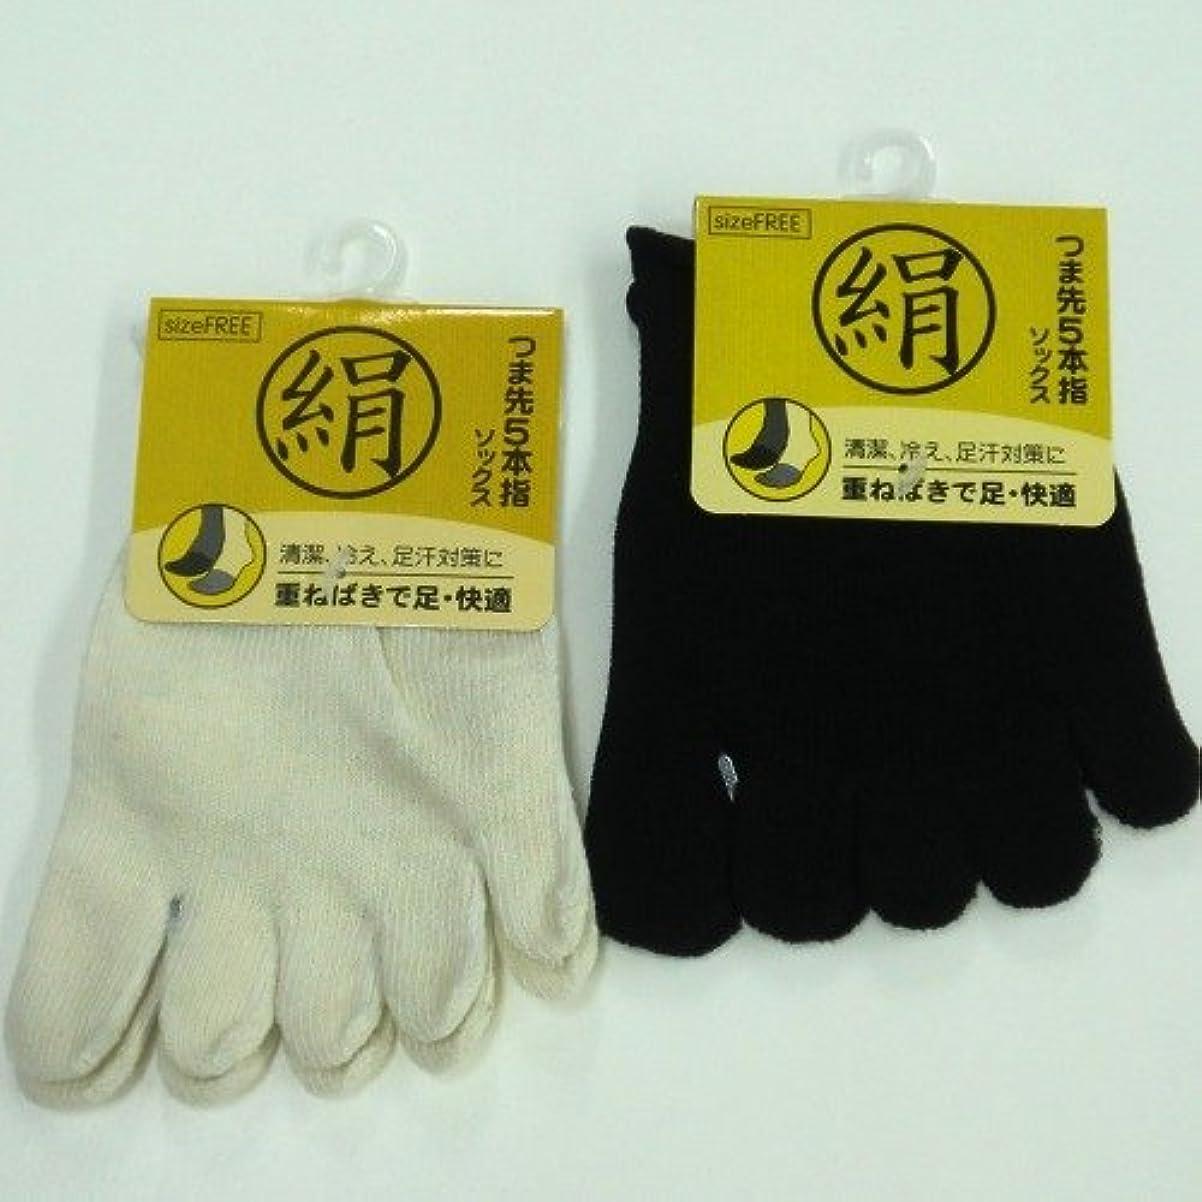 ディスコ軽蔑するピンポイント5本指ソックス つま先 ハーフソックス 足指カバー 天然素材絹で抗菌防臭 お買得5足組 (色はお任せ)